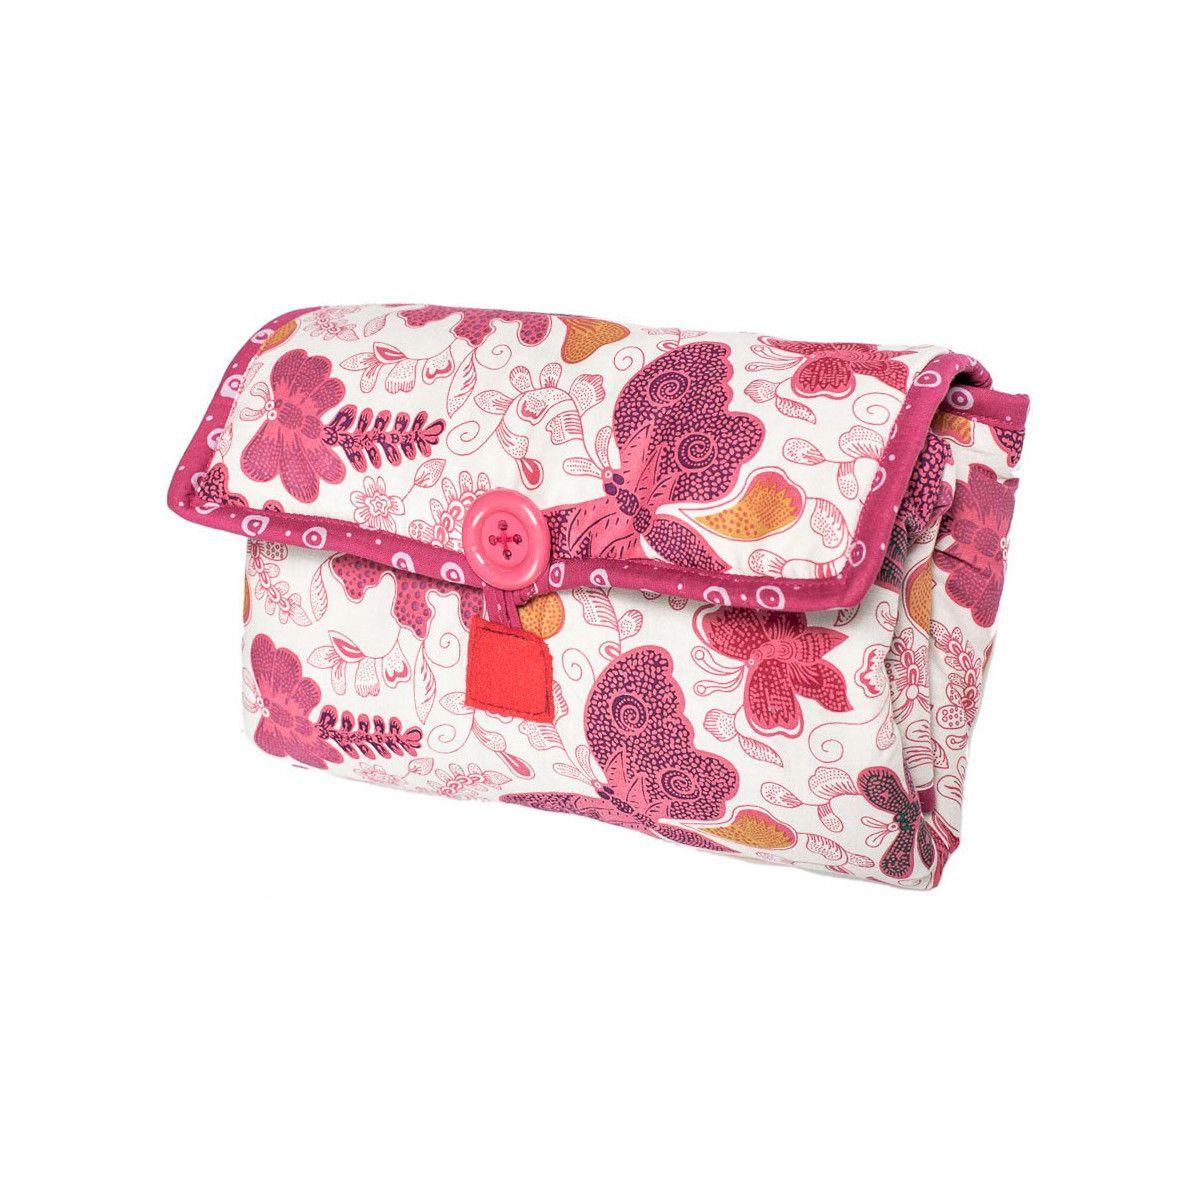 Tapis à langer nomade de voyage bébé coton éponge papillons roses et gris